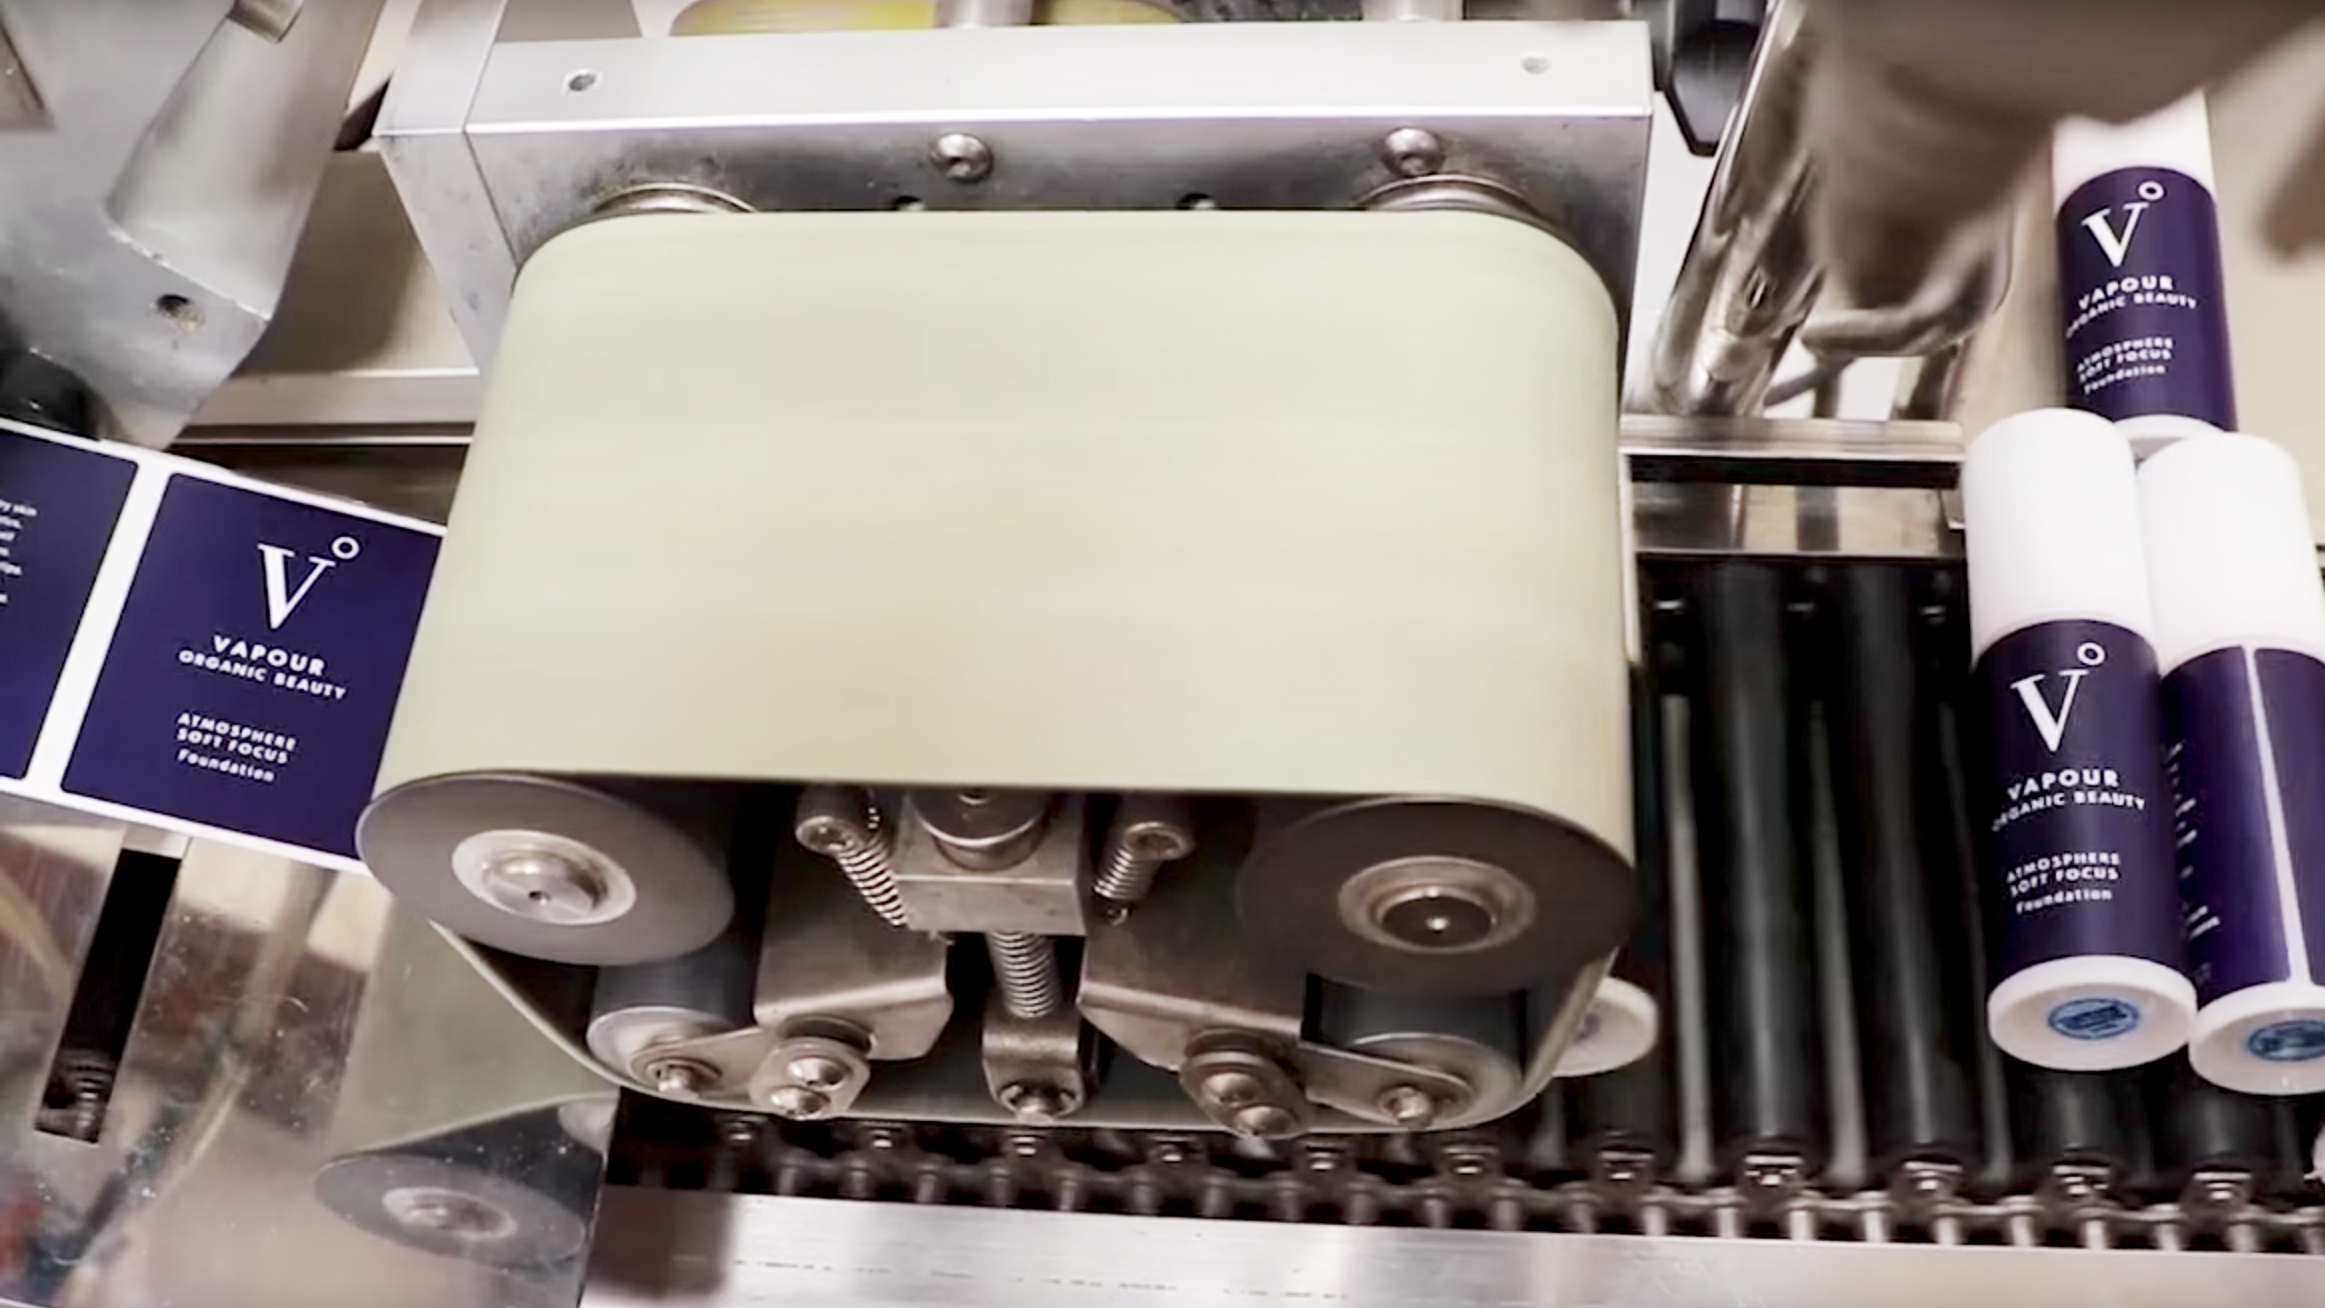 Vapour factory